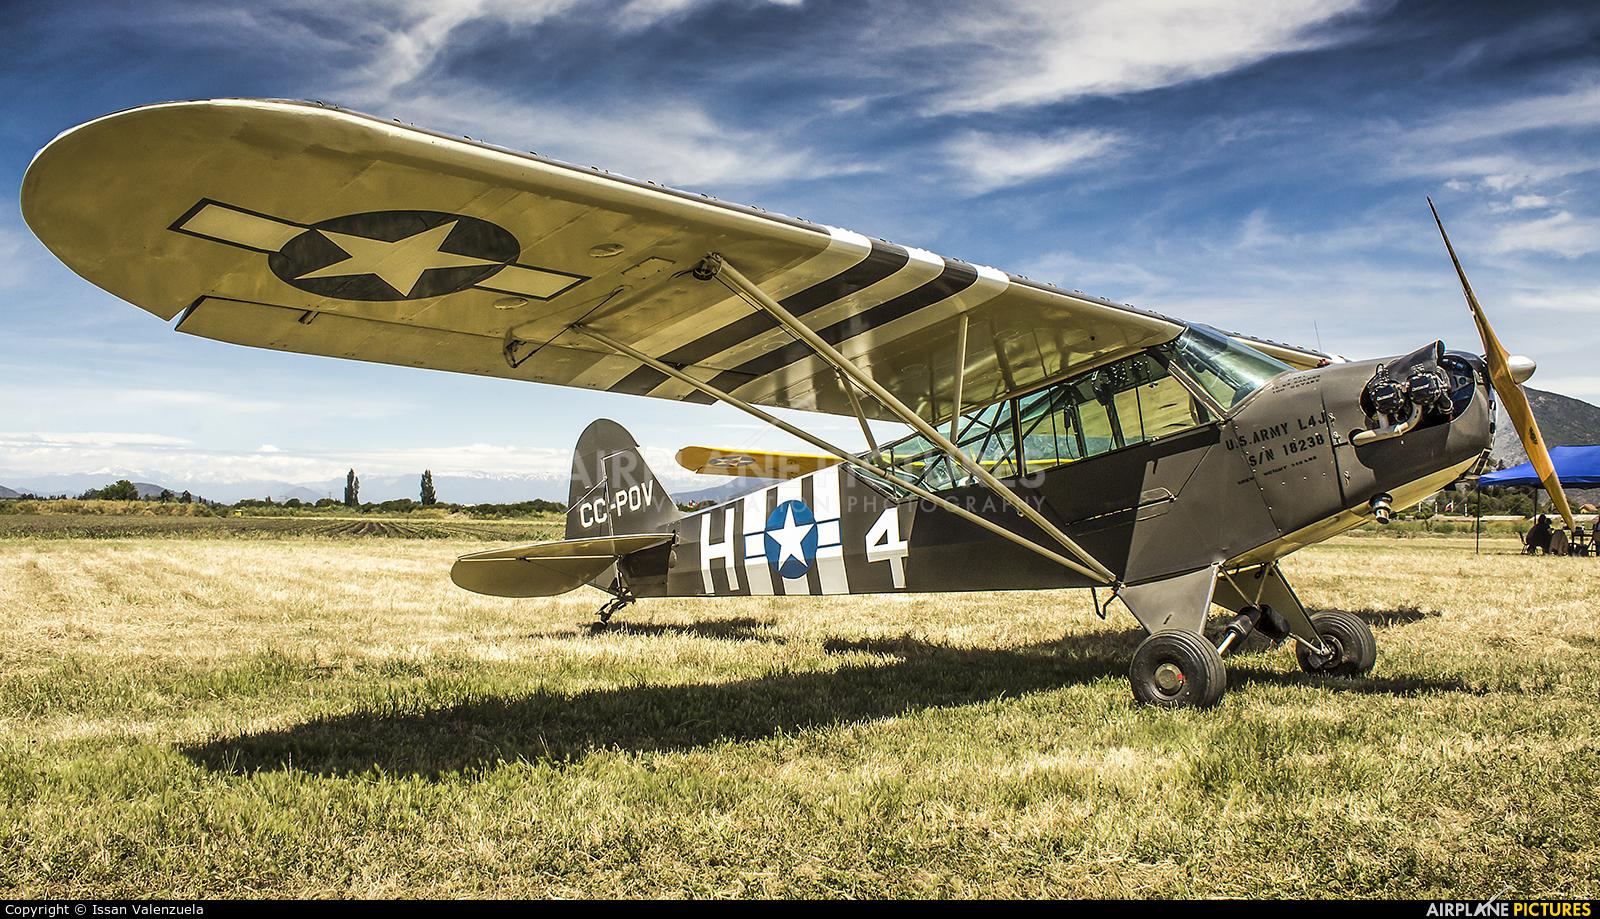 Private CC-POV aircraft at